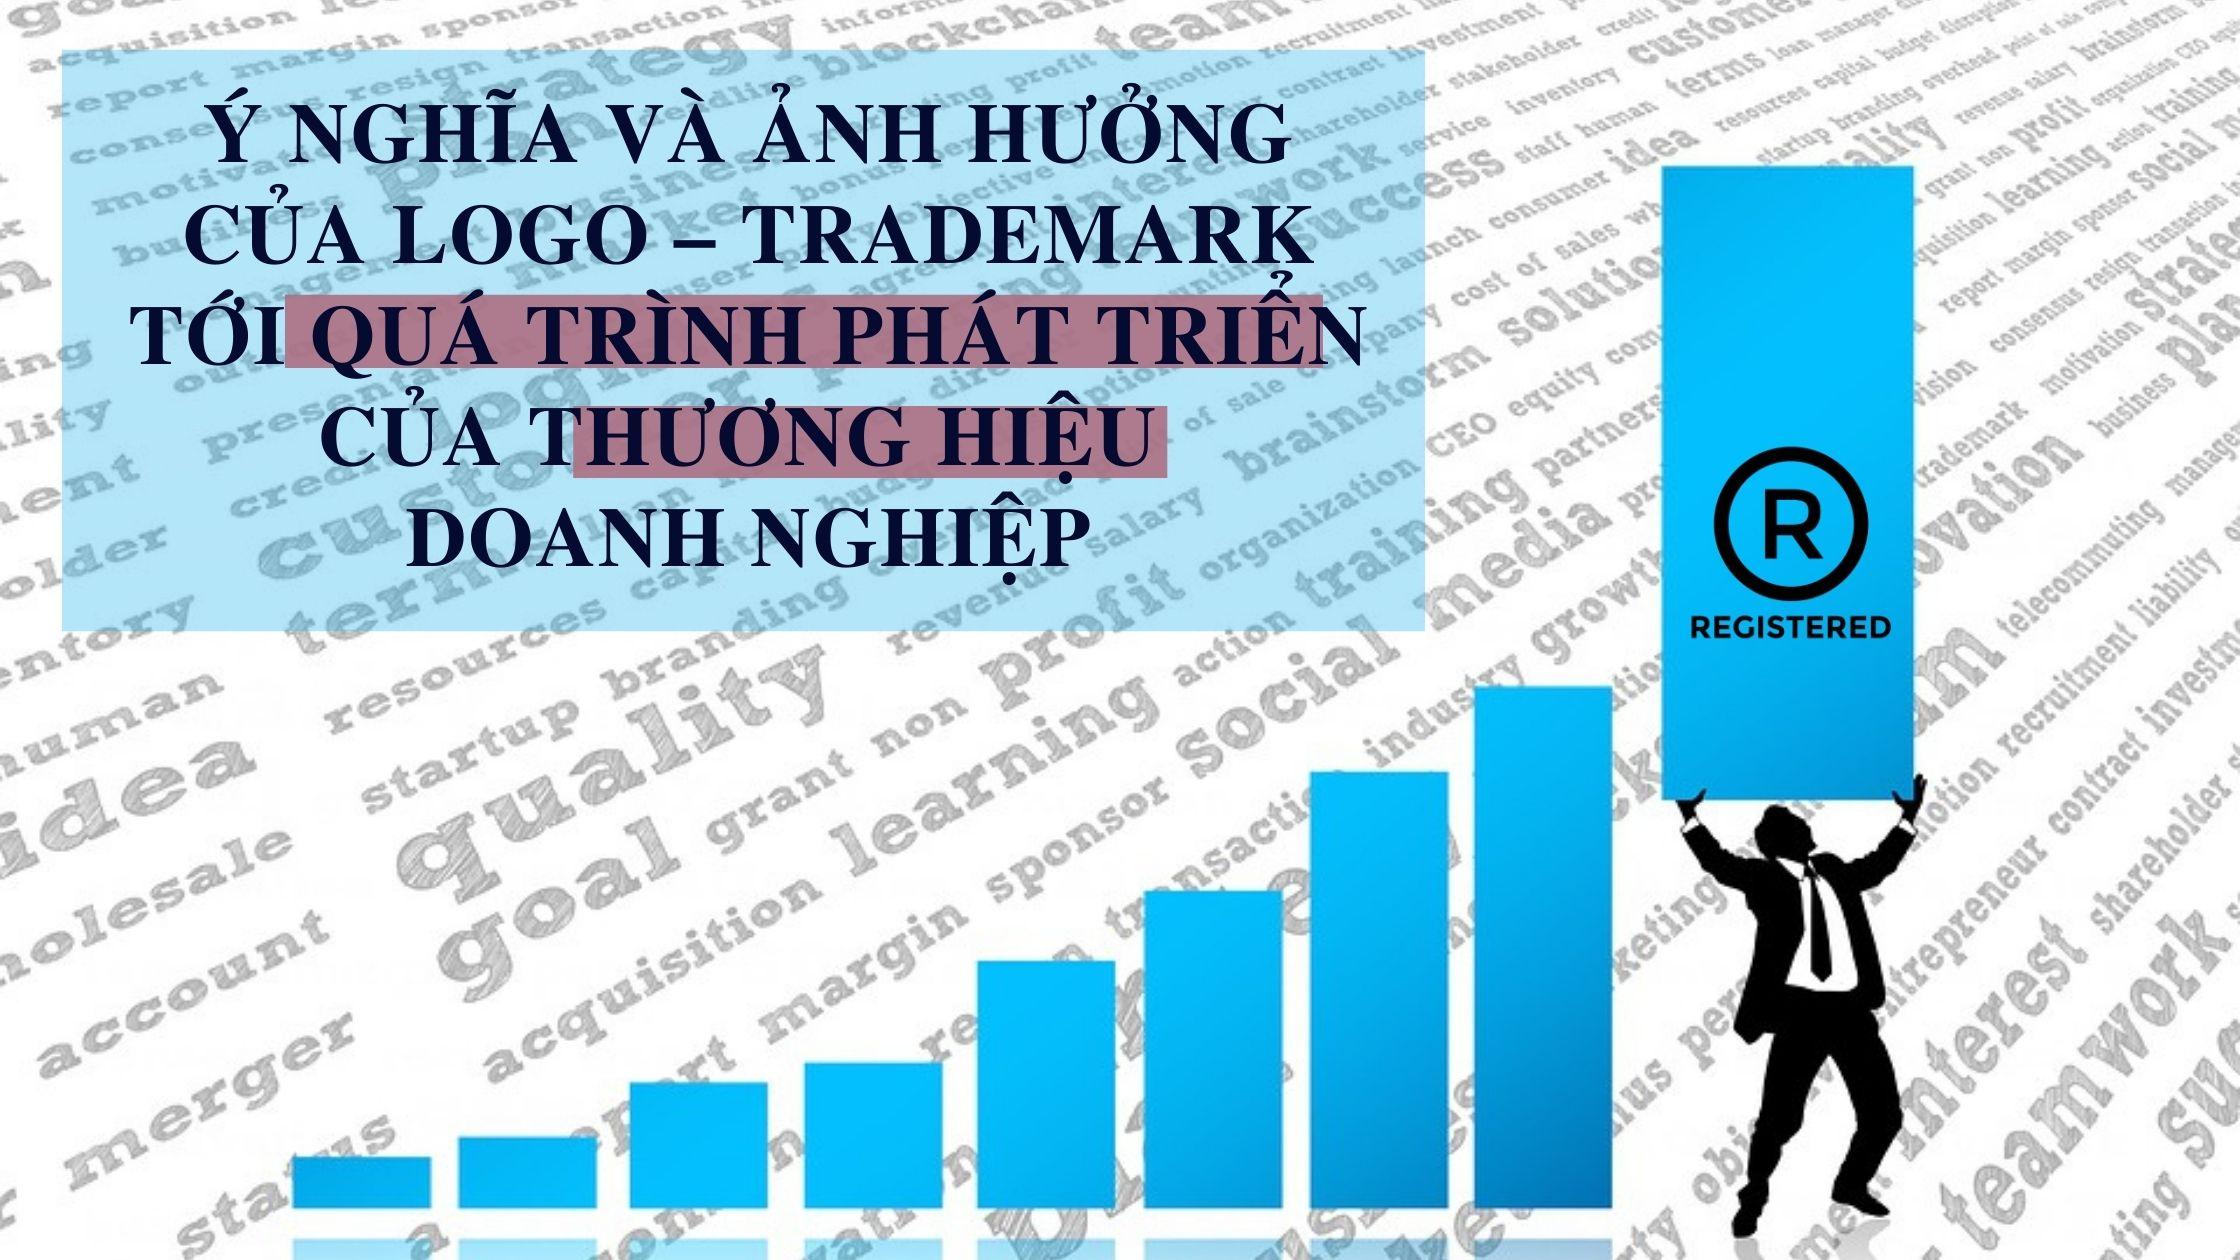 Ý nghĩa và ảnh hưởng của Logo – trademark tới quá trình phát triển của thương hiệu doanh nghiệp | Tìm hiểu về ý nghĩa tâm linh của Logo và các âm tiết của Trademark với sự phát triển và văn hóa doanh nghiệp.